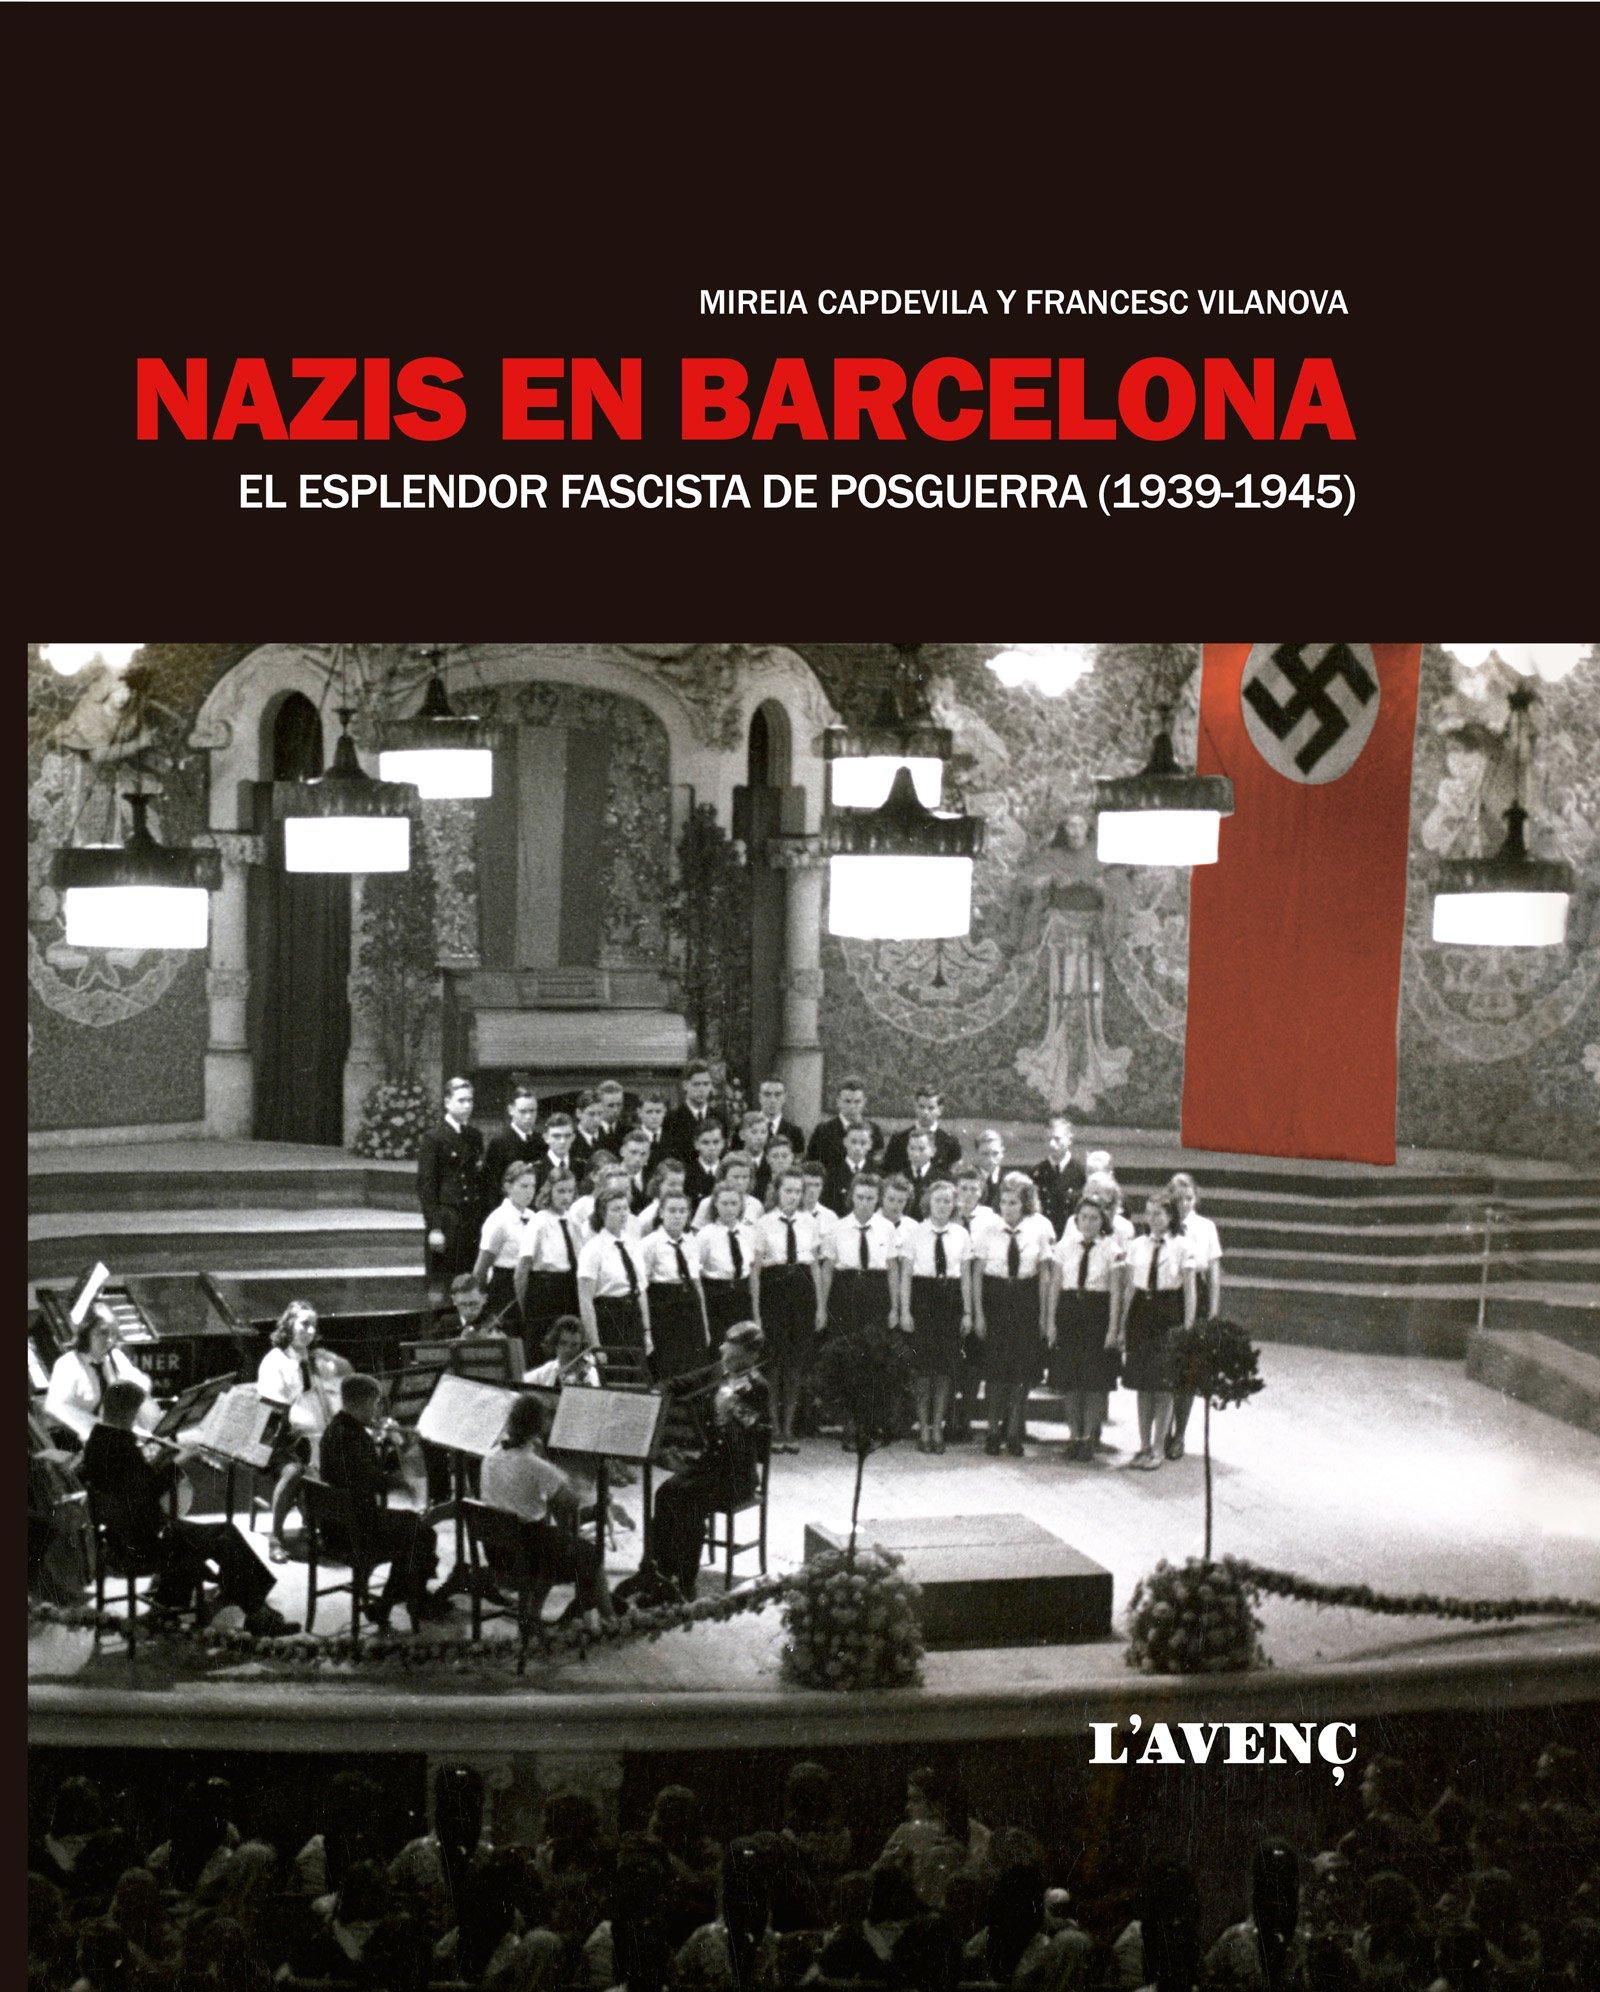 Nazis en Barcelona: El esplendor fascista de posguerra 1939-1945: Amazon.es: Capdevila, Mireia, Vilanova, Francesc: Libros